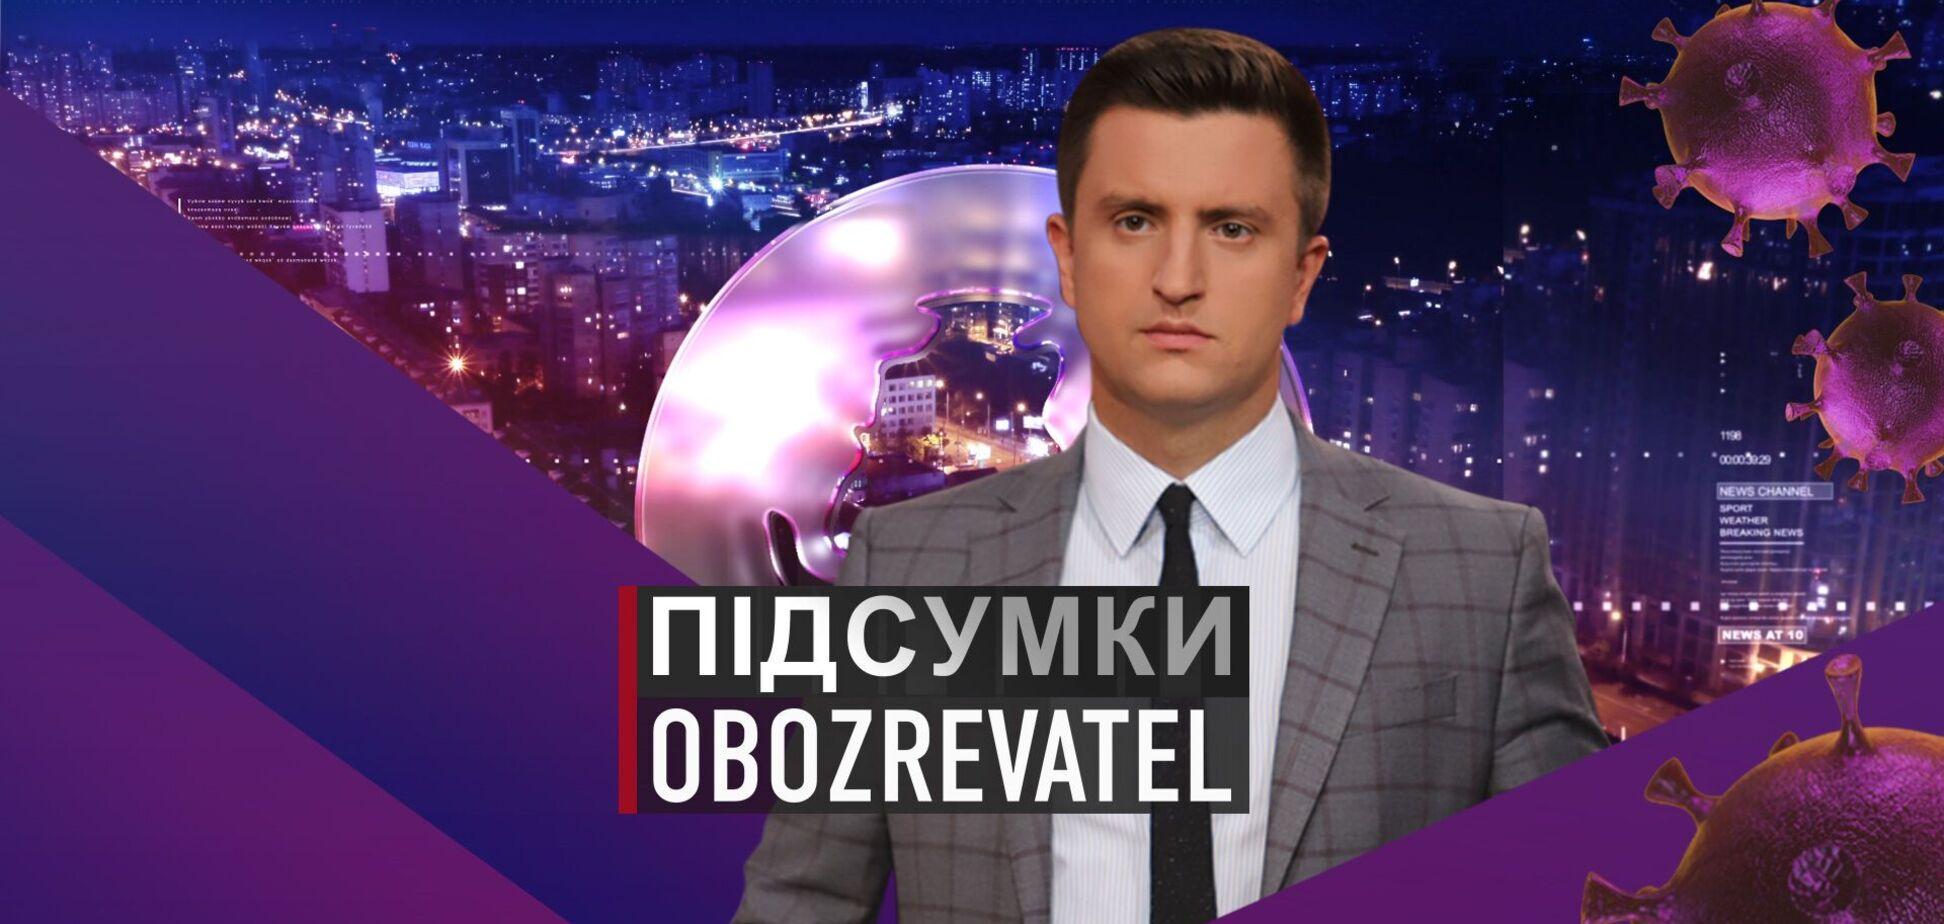 Підсумки с Вадимом Колодийчуком. Вторник, 13 апреля